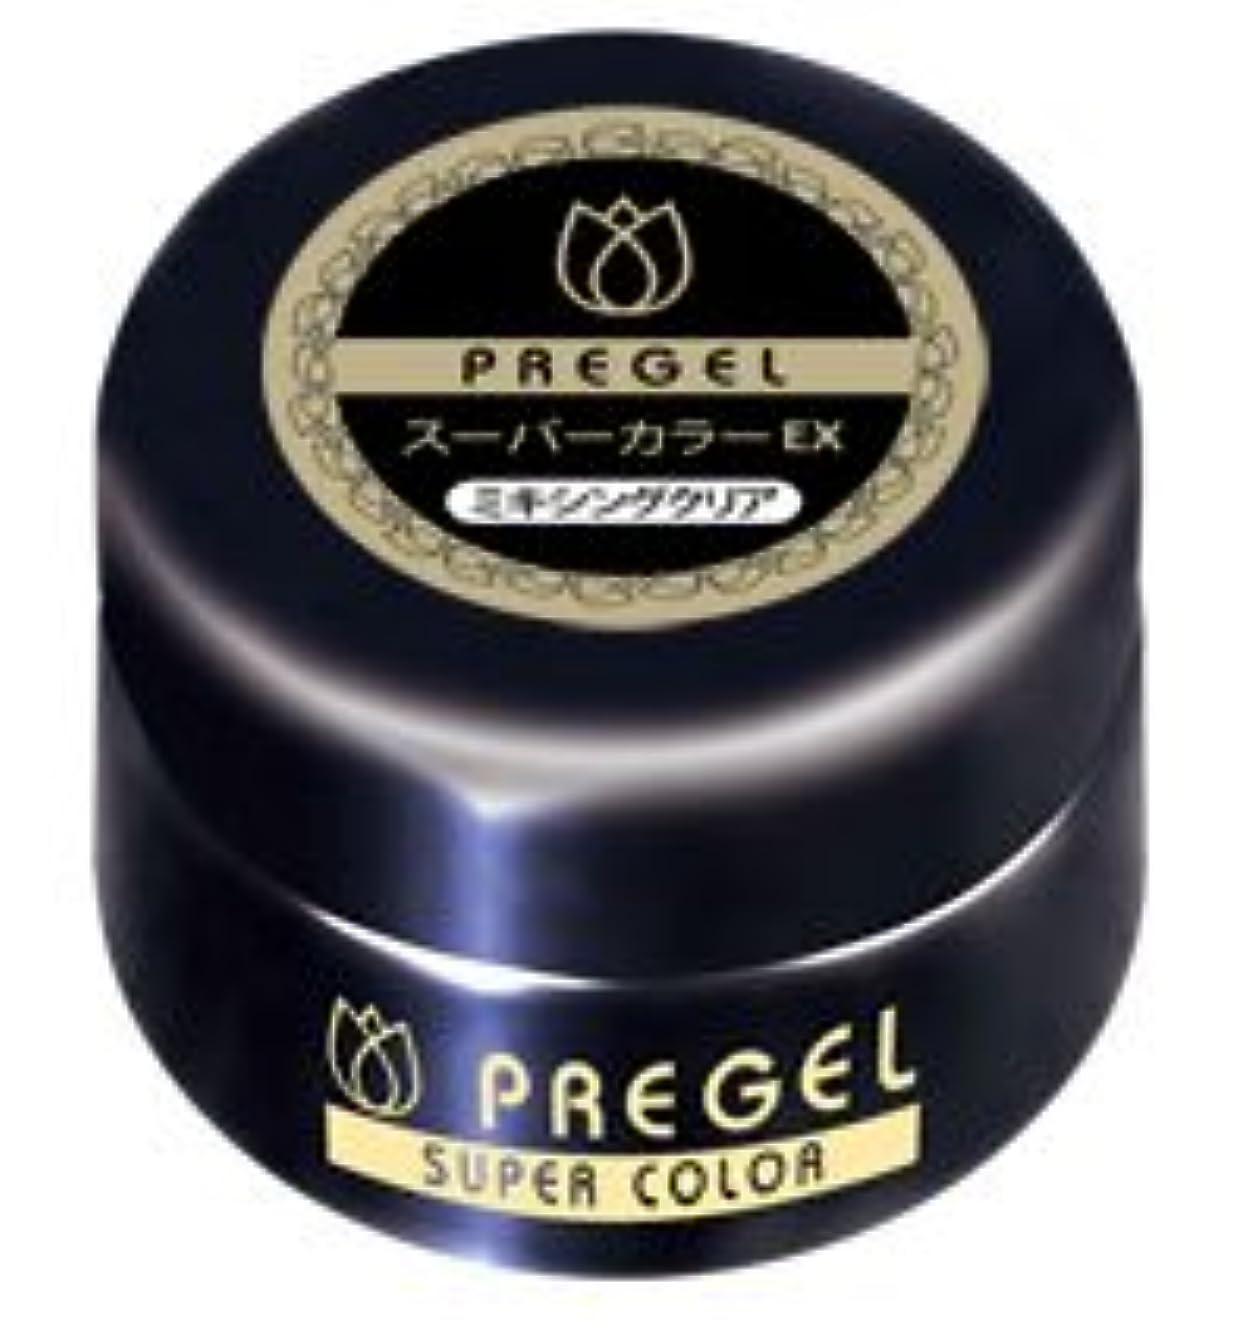 最大大遮るPREGEL(プリジェル) スーパーカラーEx PG-SE000 <BR>ミキシングクリア 4g